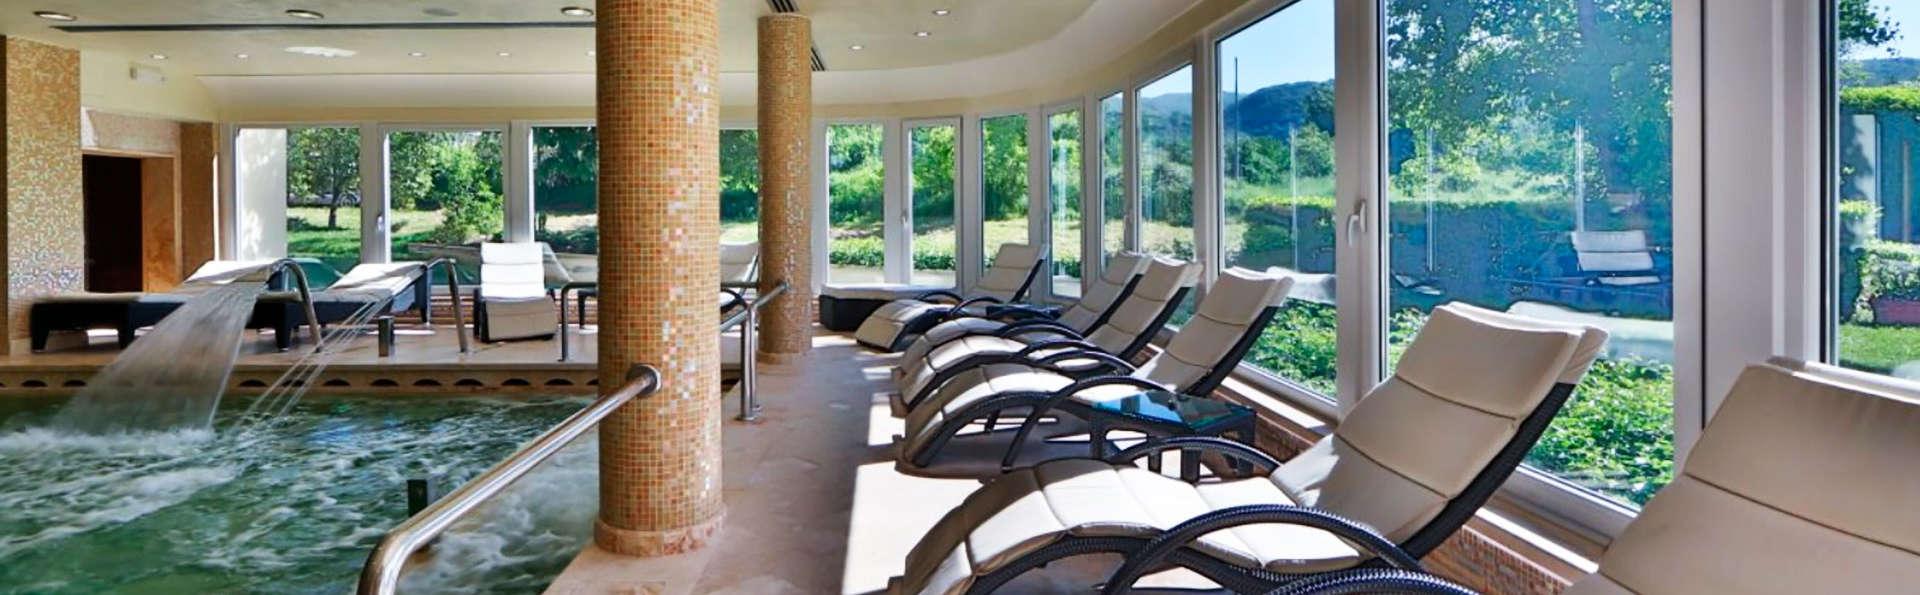 Séjour à Fiuggi : deux nuits de détente avec accès au spa et réduction sur les soins